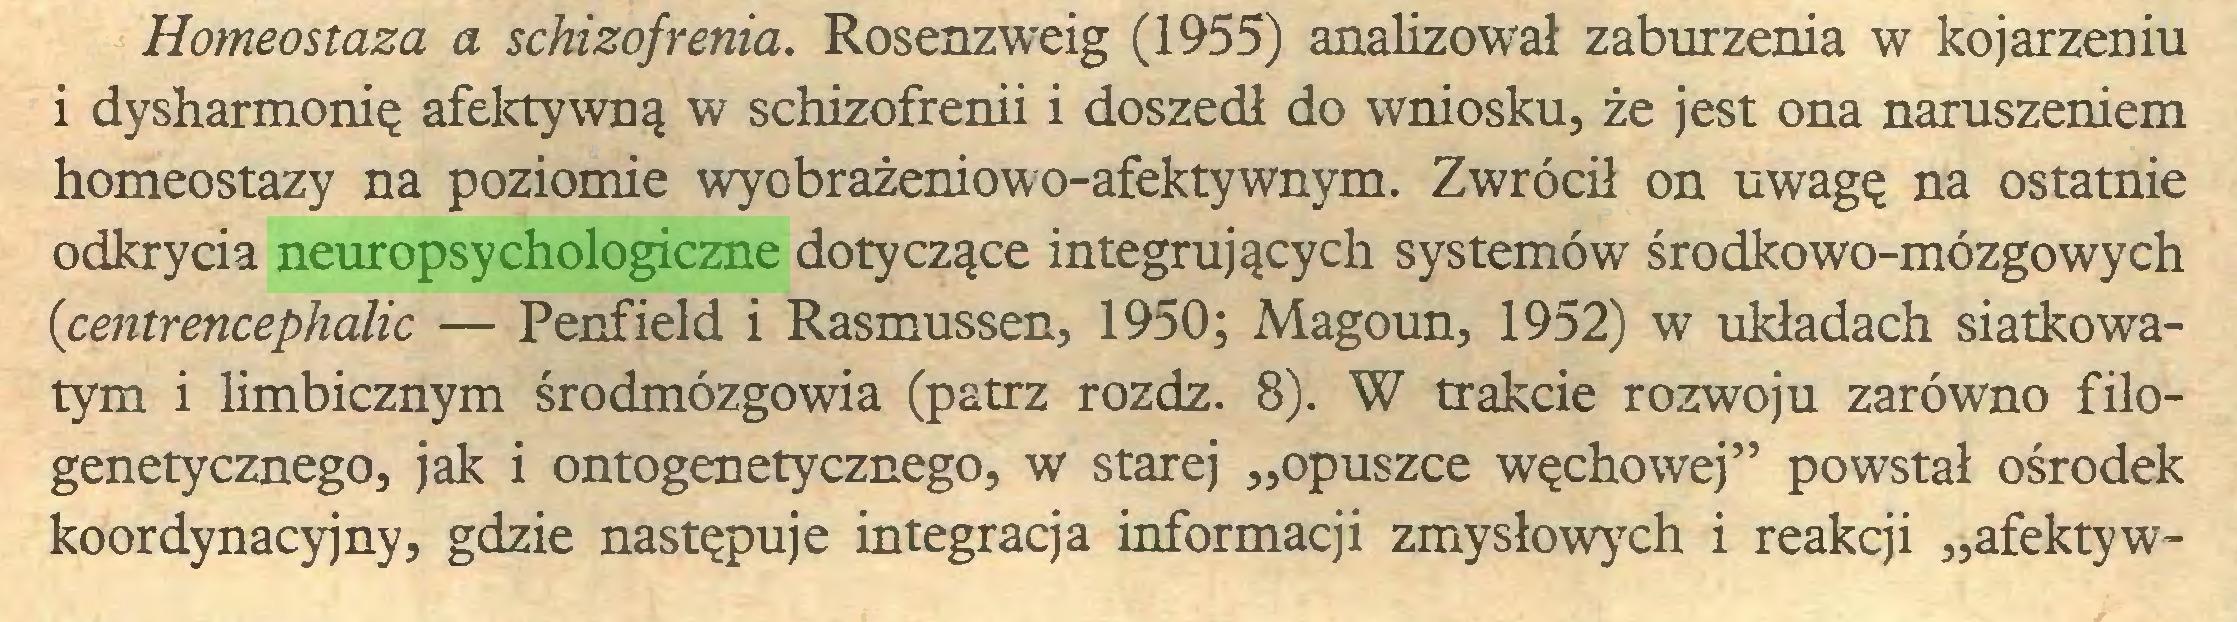 """(...) Homeostaza a schizofrenia. Rosenzweig (1955) analizował zaburzenia w kojarzeniu i dysharmonię afektywną w schizofrenii i doszedł do wniosku, że jest ona naruszeniem homeostazy na poziomie wyobrażeniowo-afektywnym. Zwrócił on uwagę na ostatnie odkrycia neuropsychologiczne dotyczące integrujących systemów środkowo-mózgowych (centrencephalic — Penfield i Rasmussen, 1950; Magoun, 1952) w układach siatkowatym i limbicznym środmózgowia (patrz rozdz. 8). W trakcie rozwoju zarówno filogenetycznego, jak i ontogenetycznego, w starej """"opuszce węchowej"""" powstał ośrodek koordynacyjny, gdzie następuje integracja informacji zmysłowych i reakcji """"afekty w..."""